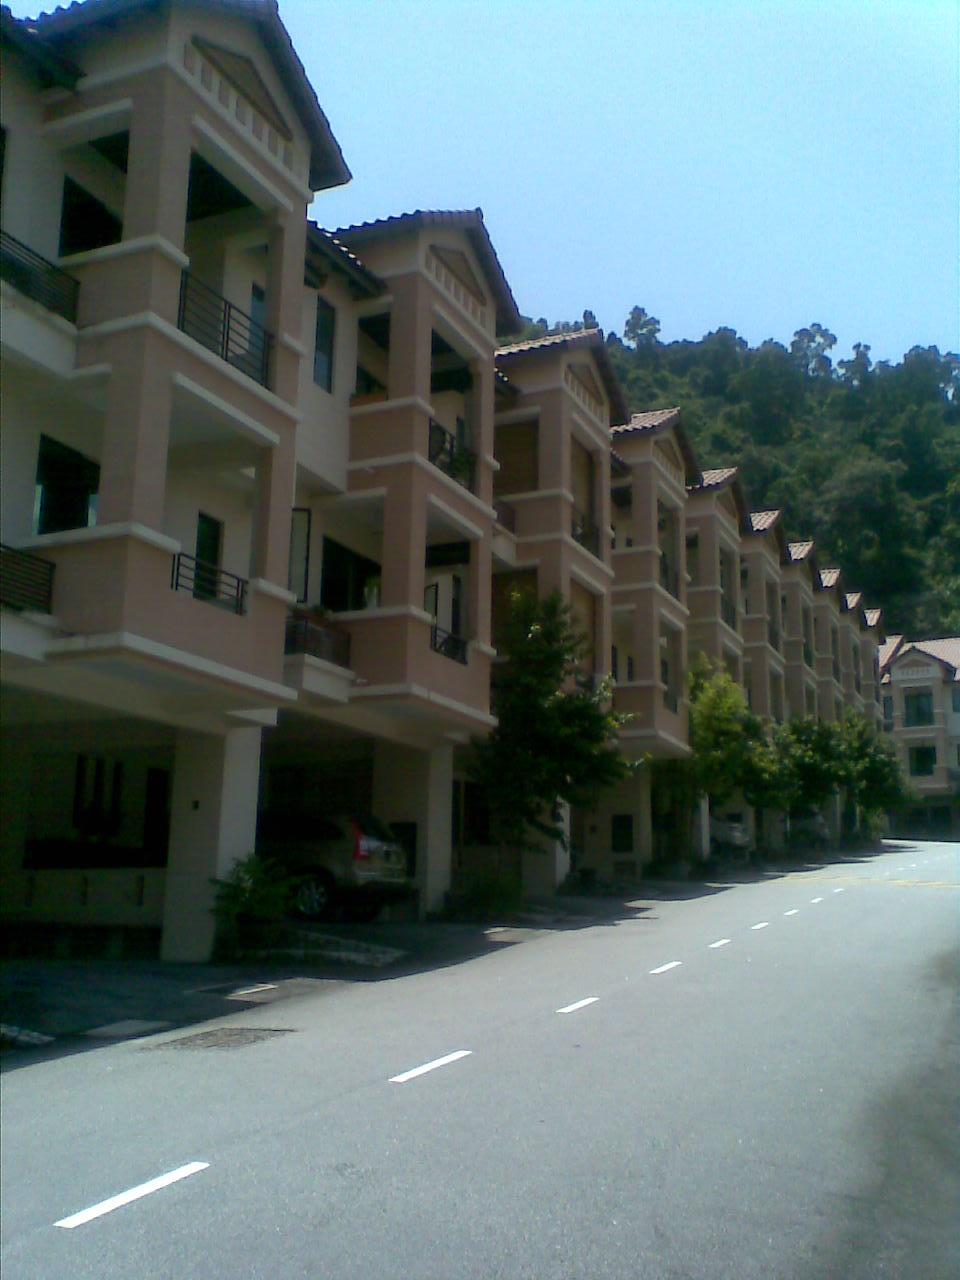 Alila Homes, Tanjung Bungah